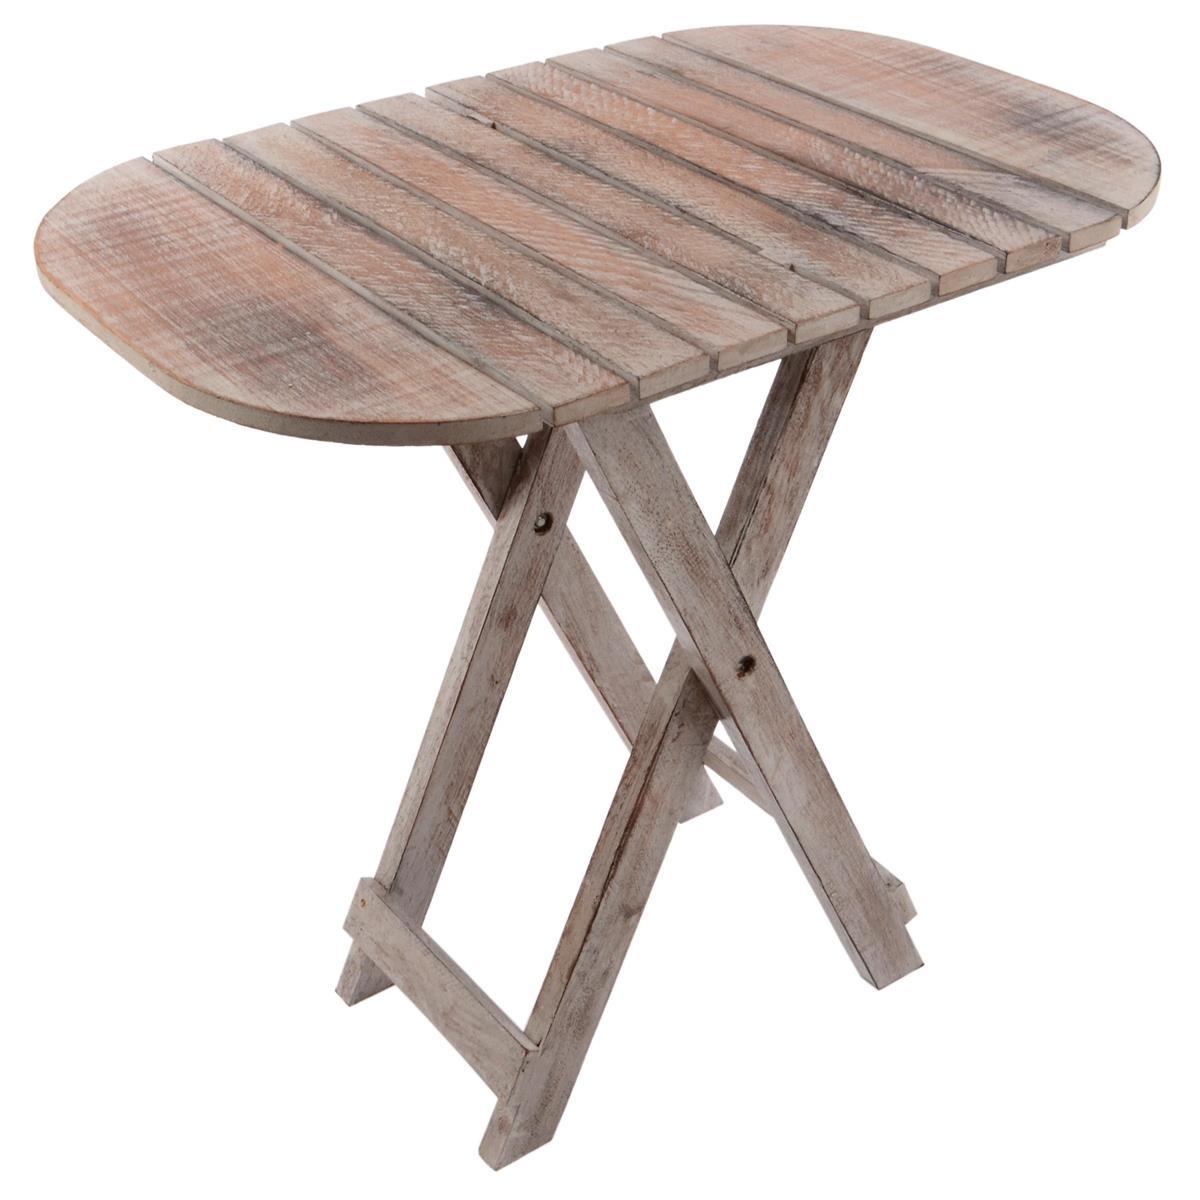 DIVERO Beistelltisch Holztisch Blumentisch Klapptisch Hocker L50 x B38 x H50 cm